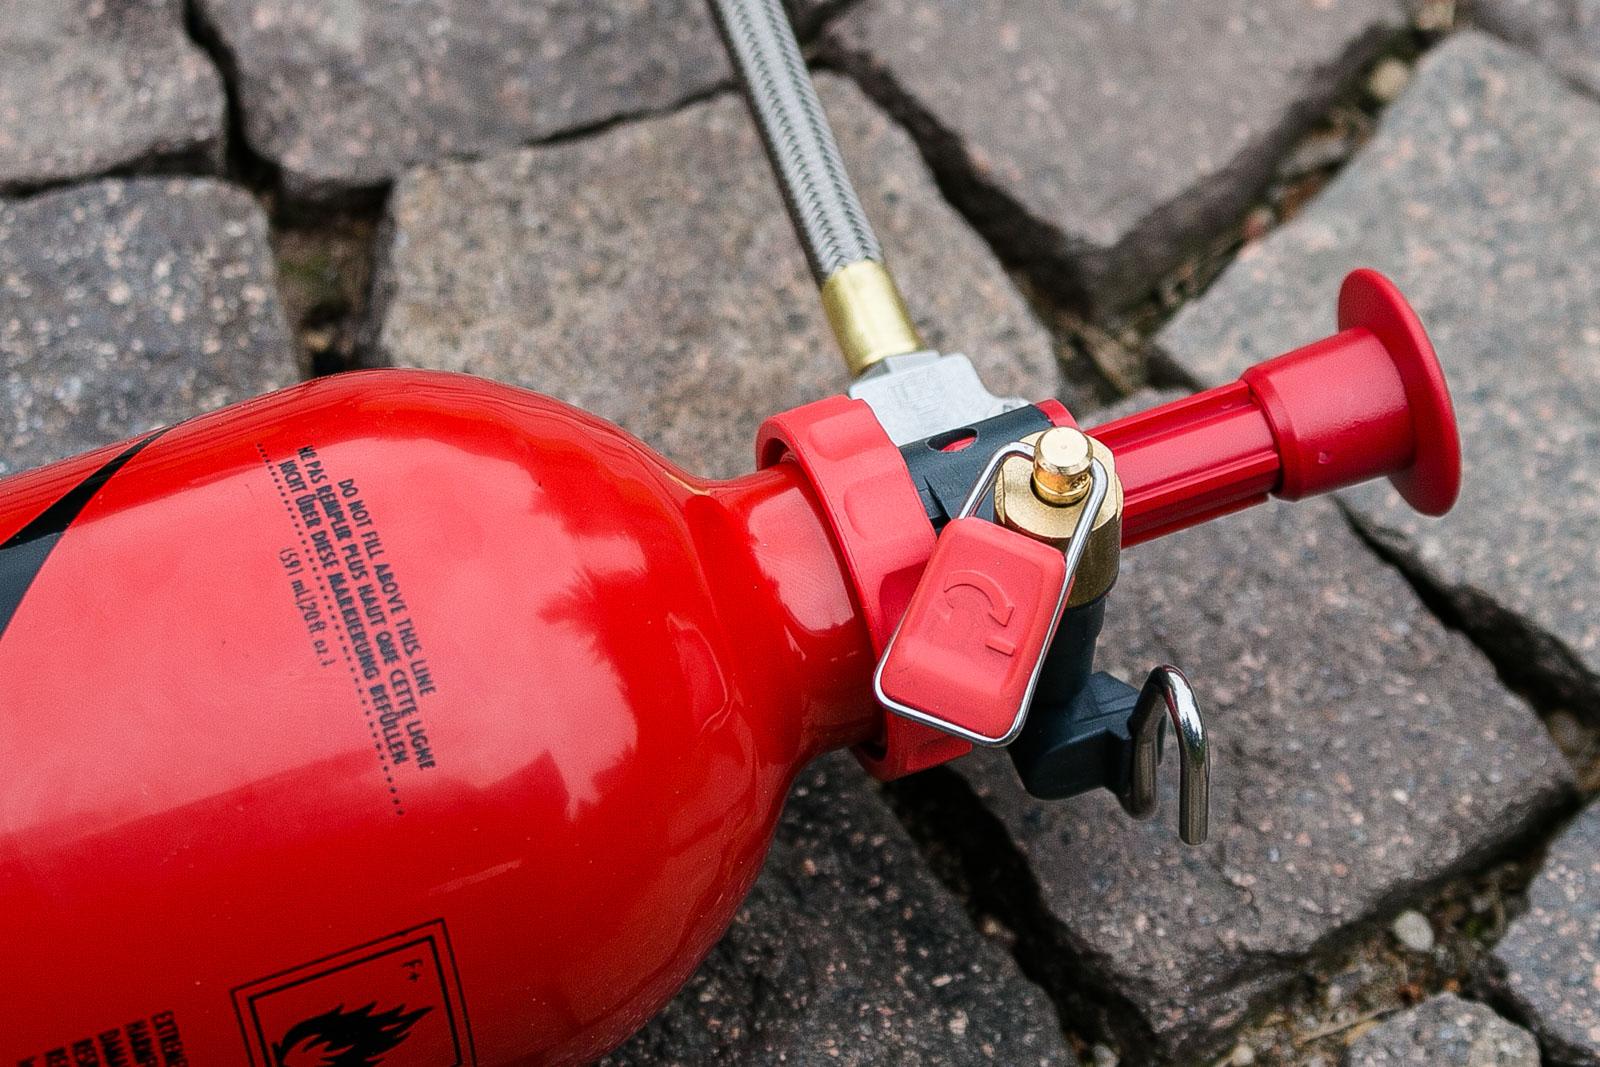 Die Brennstoffflasche des Whisperlite mit der dazugehörigen Pumpe, dem Ventil und der Kraftstoffleitung. Das Ventil muss für den Betrieb jeweils mehr oder weniger stark geöffnet werden.